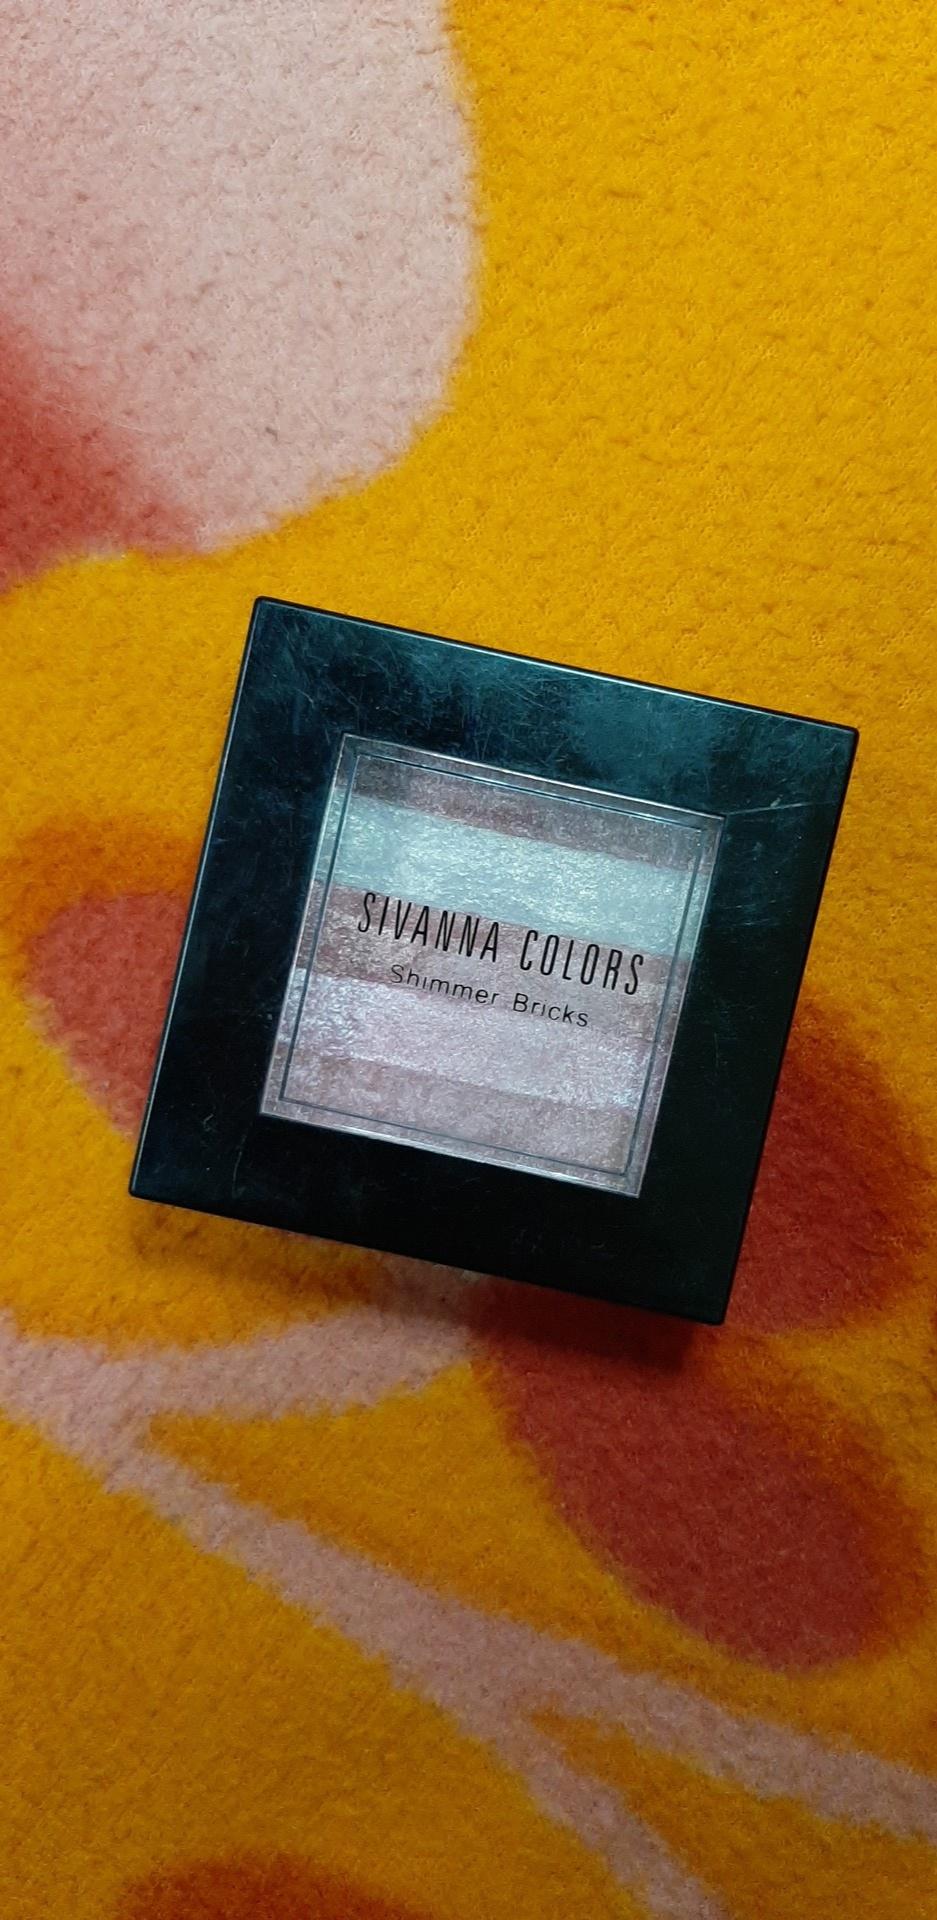 Sivanna Shimmer Highlighter-Sivanna shimmer bricks-By simranwalia29